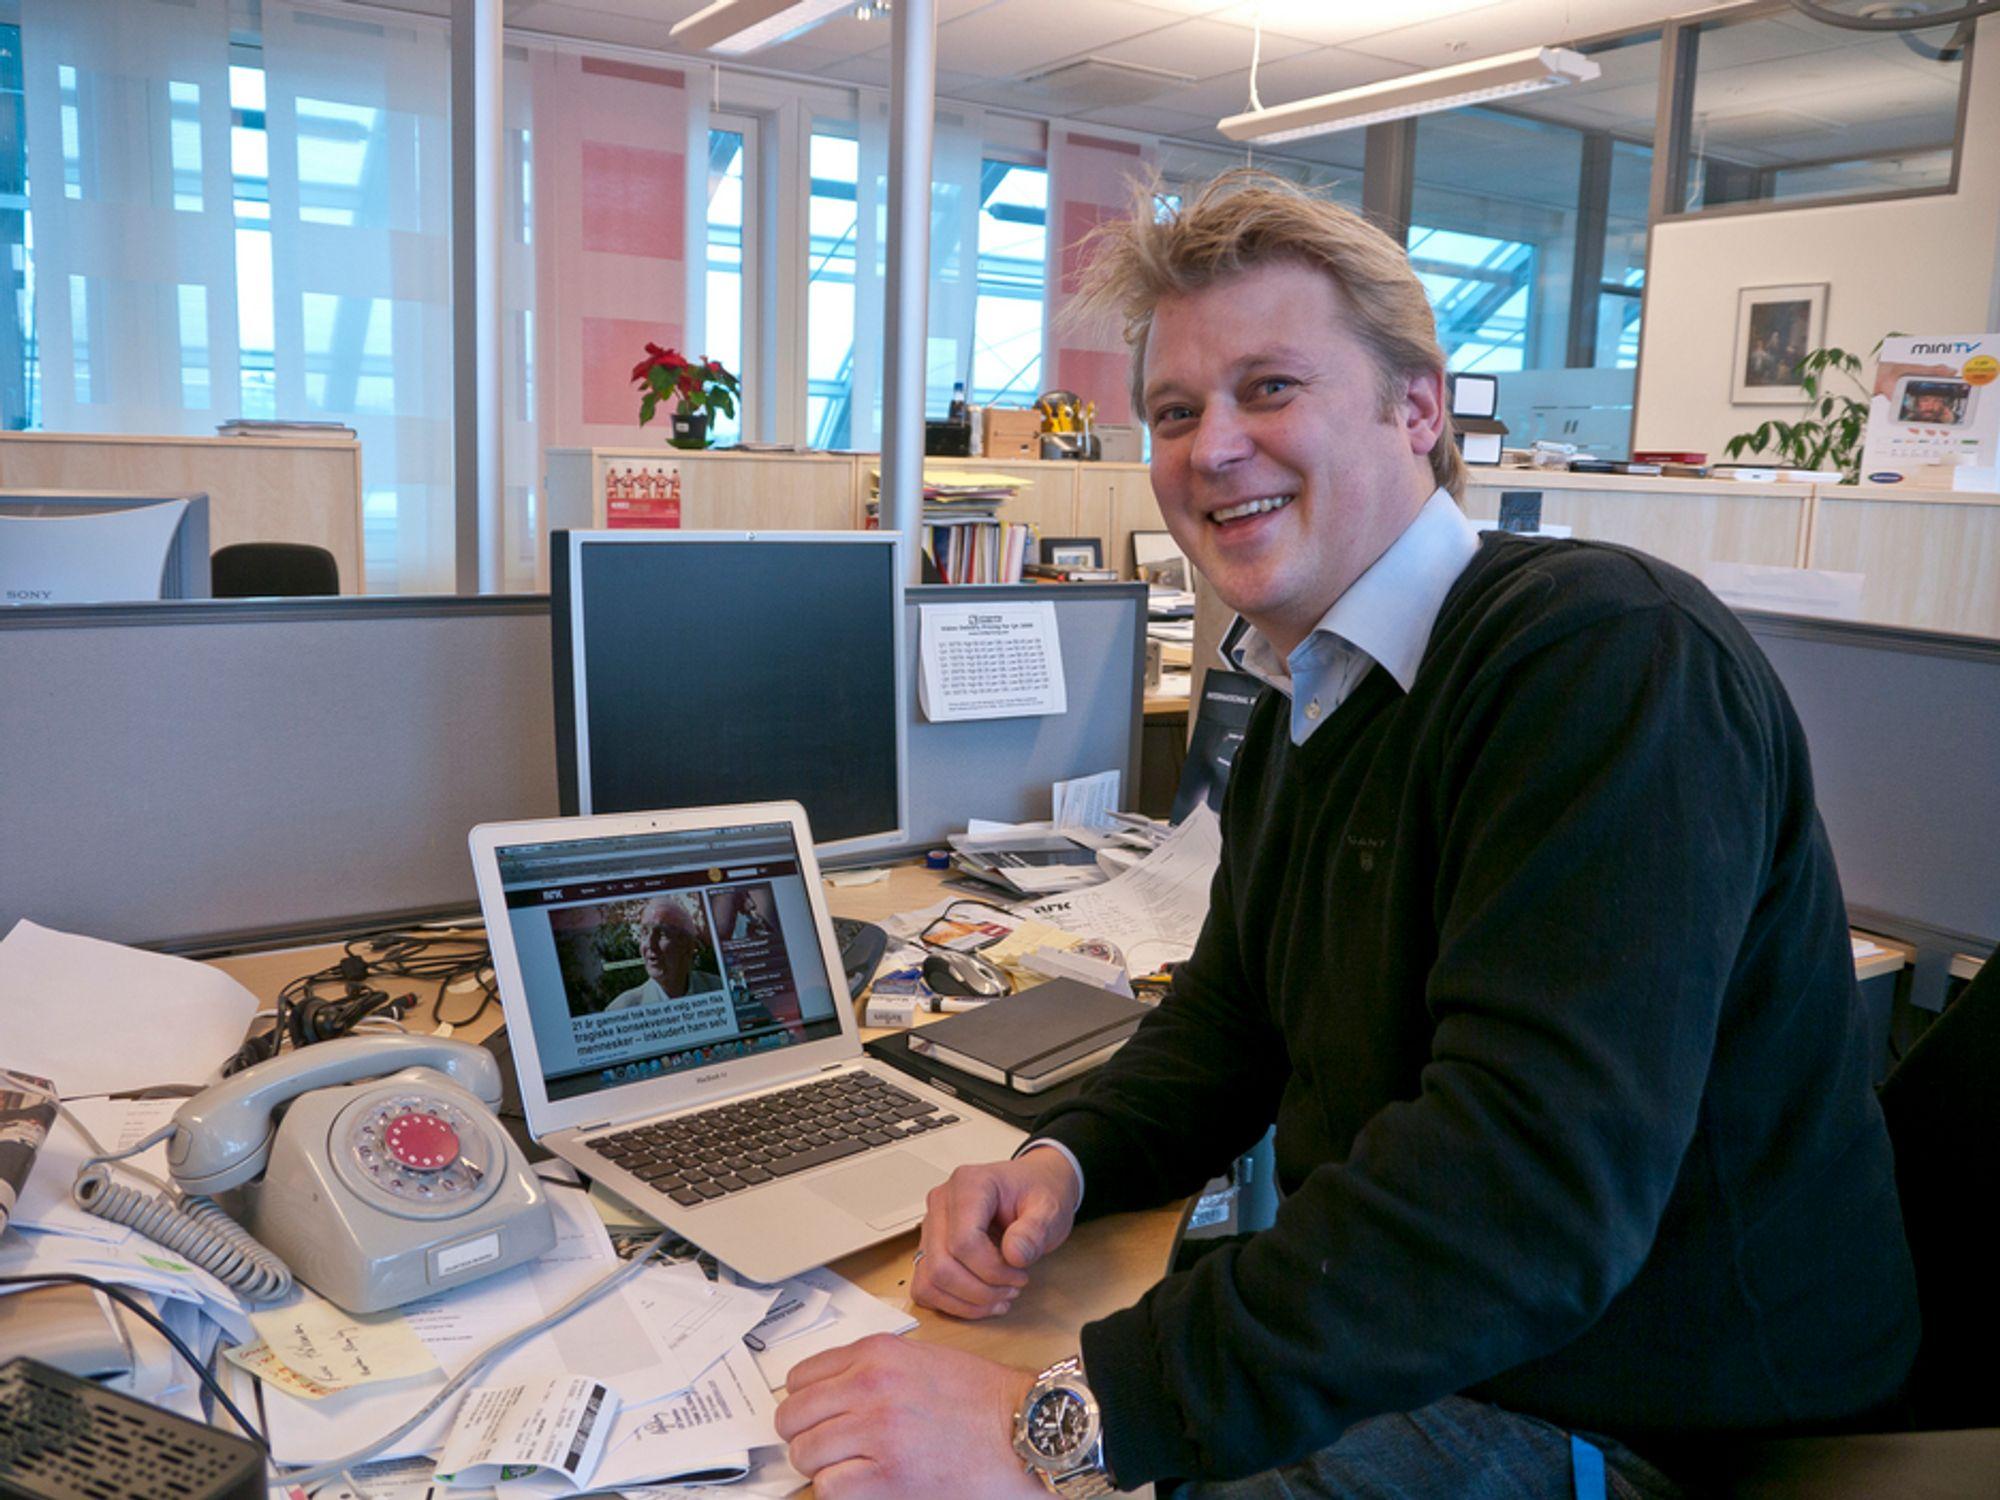 BREDT: NRKs sjef for IP-distribusjon, Bjarne Andre Myklebust bygger opp en ny nett-tv som kan overføre 16 sendinger på én gang. Legg merke til den gamle telefonen med dreieskive. Den har Myklebust bygget om slik at den fremdeles virker.